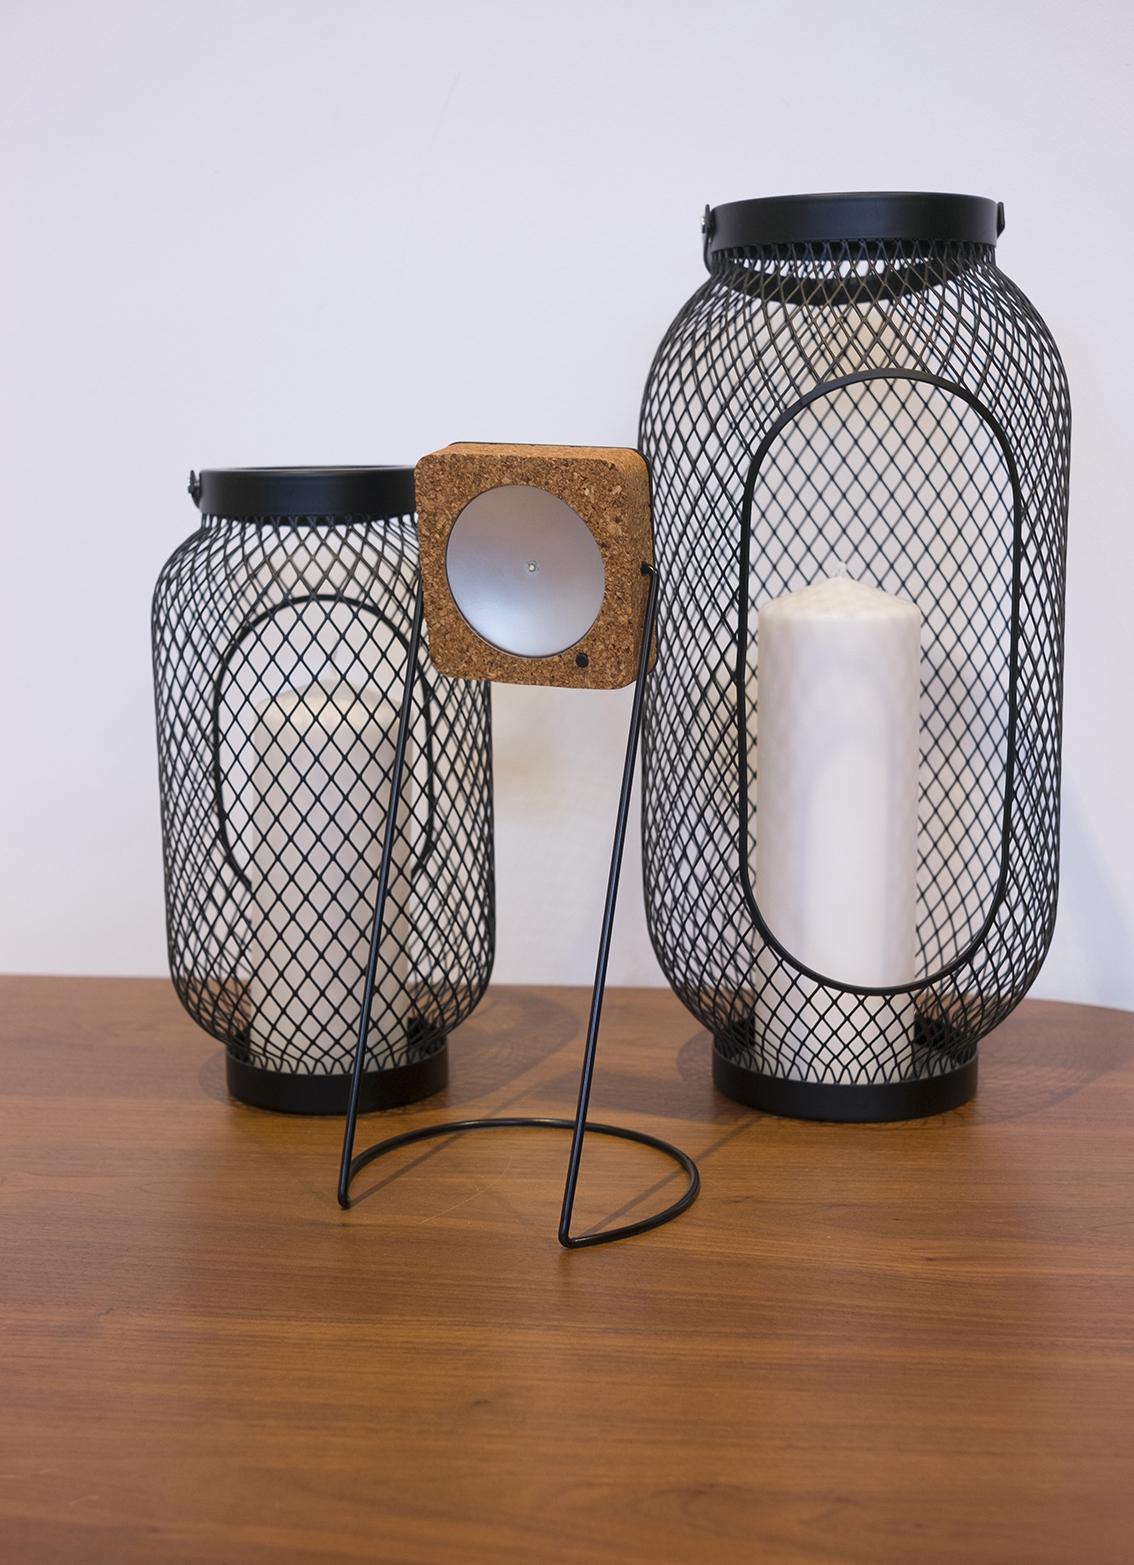 HeyJool JoolSolar+ lamp and charger